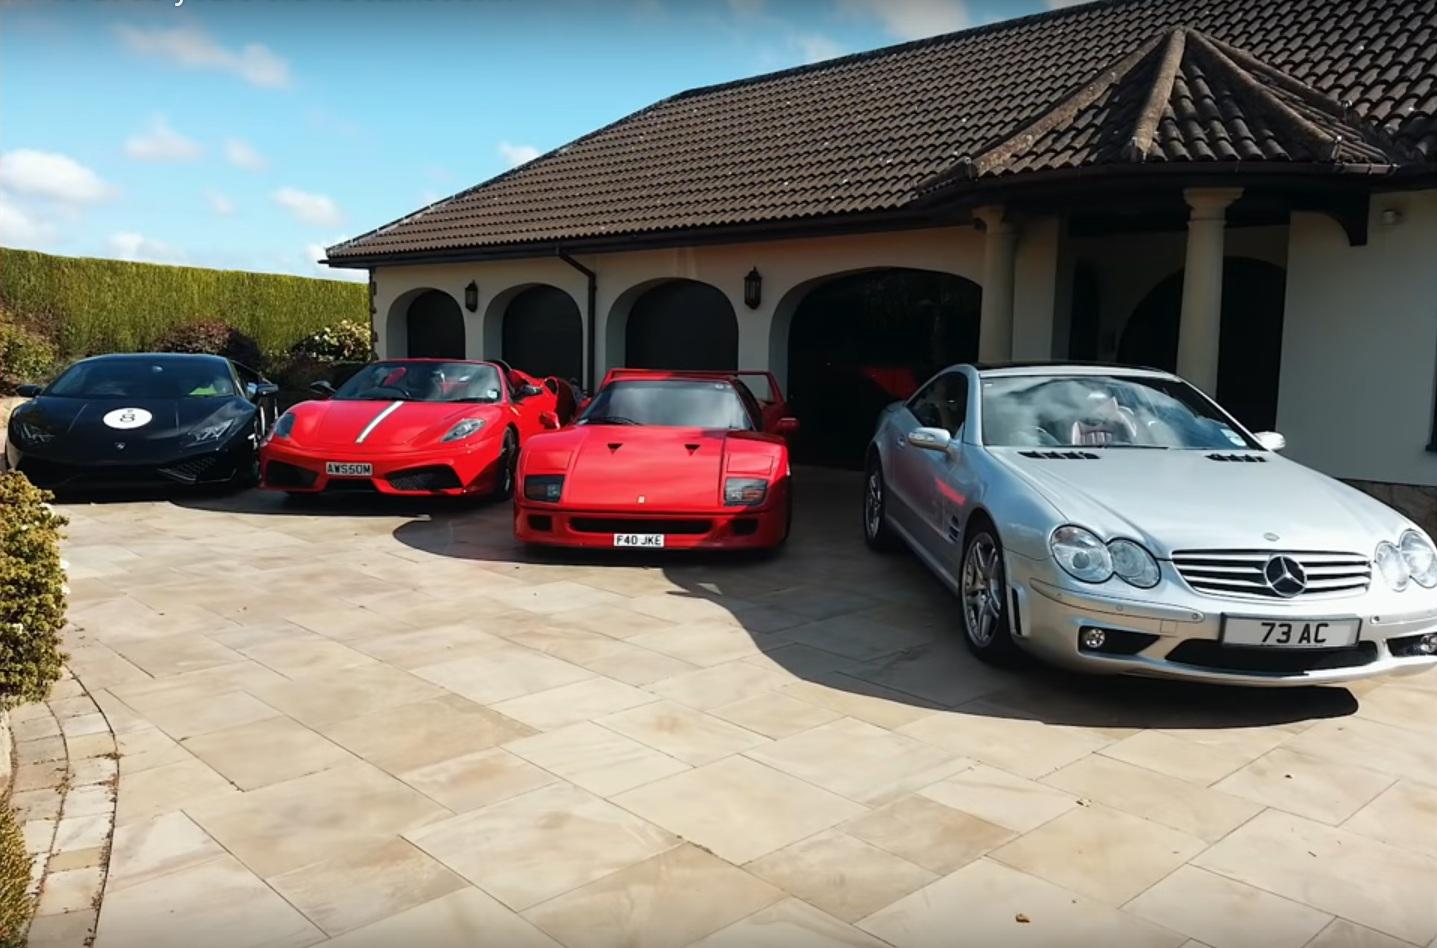 Дедуля показал класс на экстремальном суперкаре Ferrari F40 (видео) 2